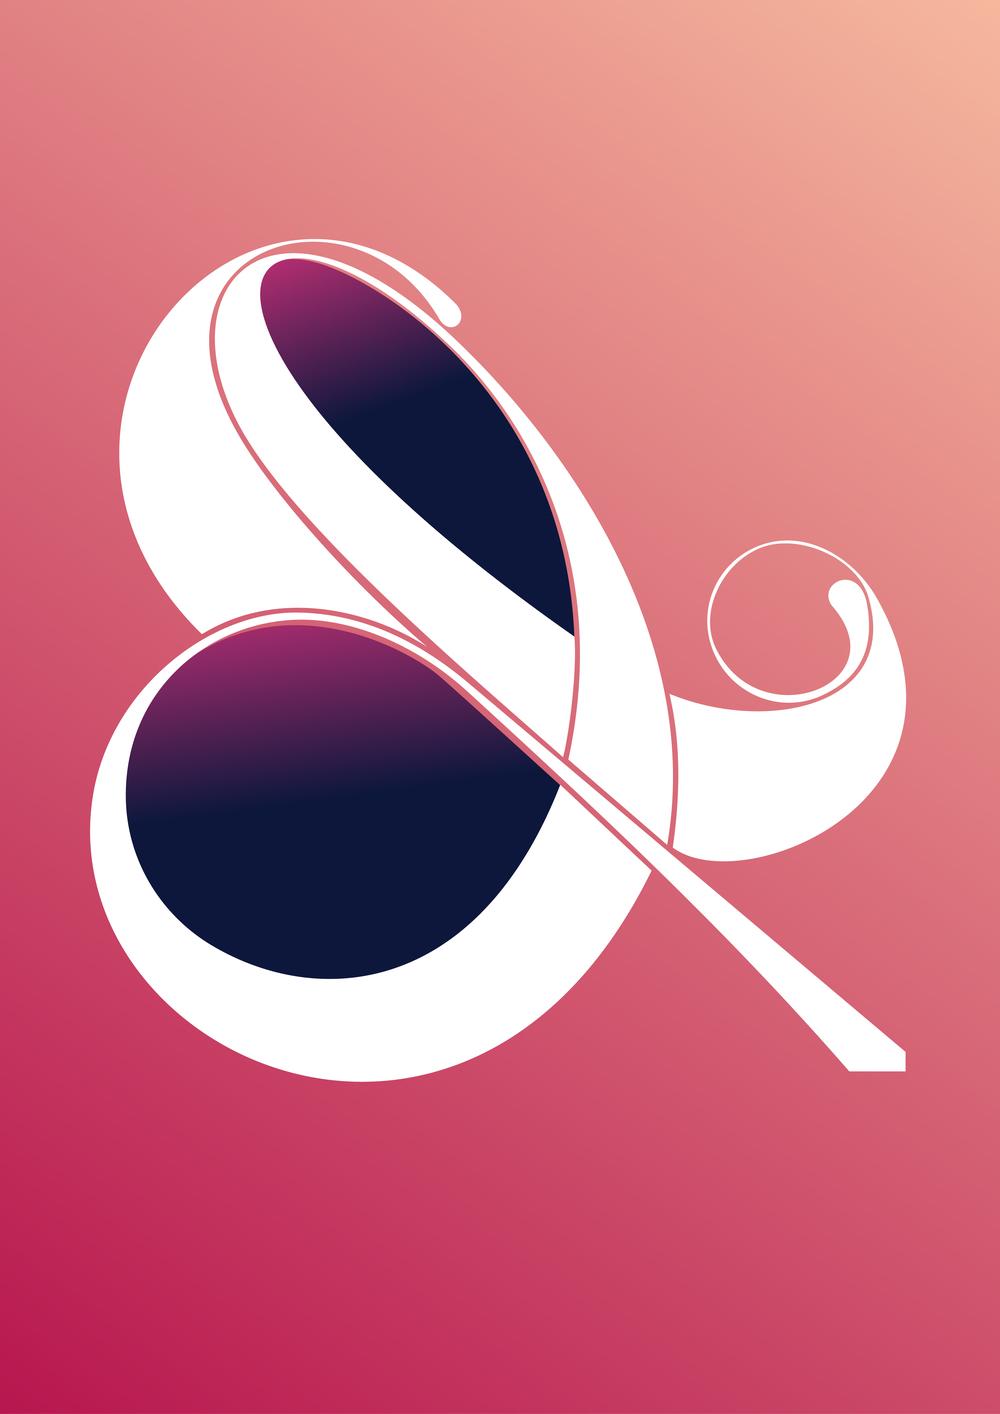 Playful-ampersand-moshik-nadav-typography-32.jpg